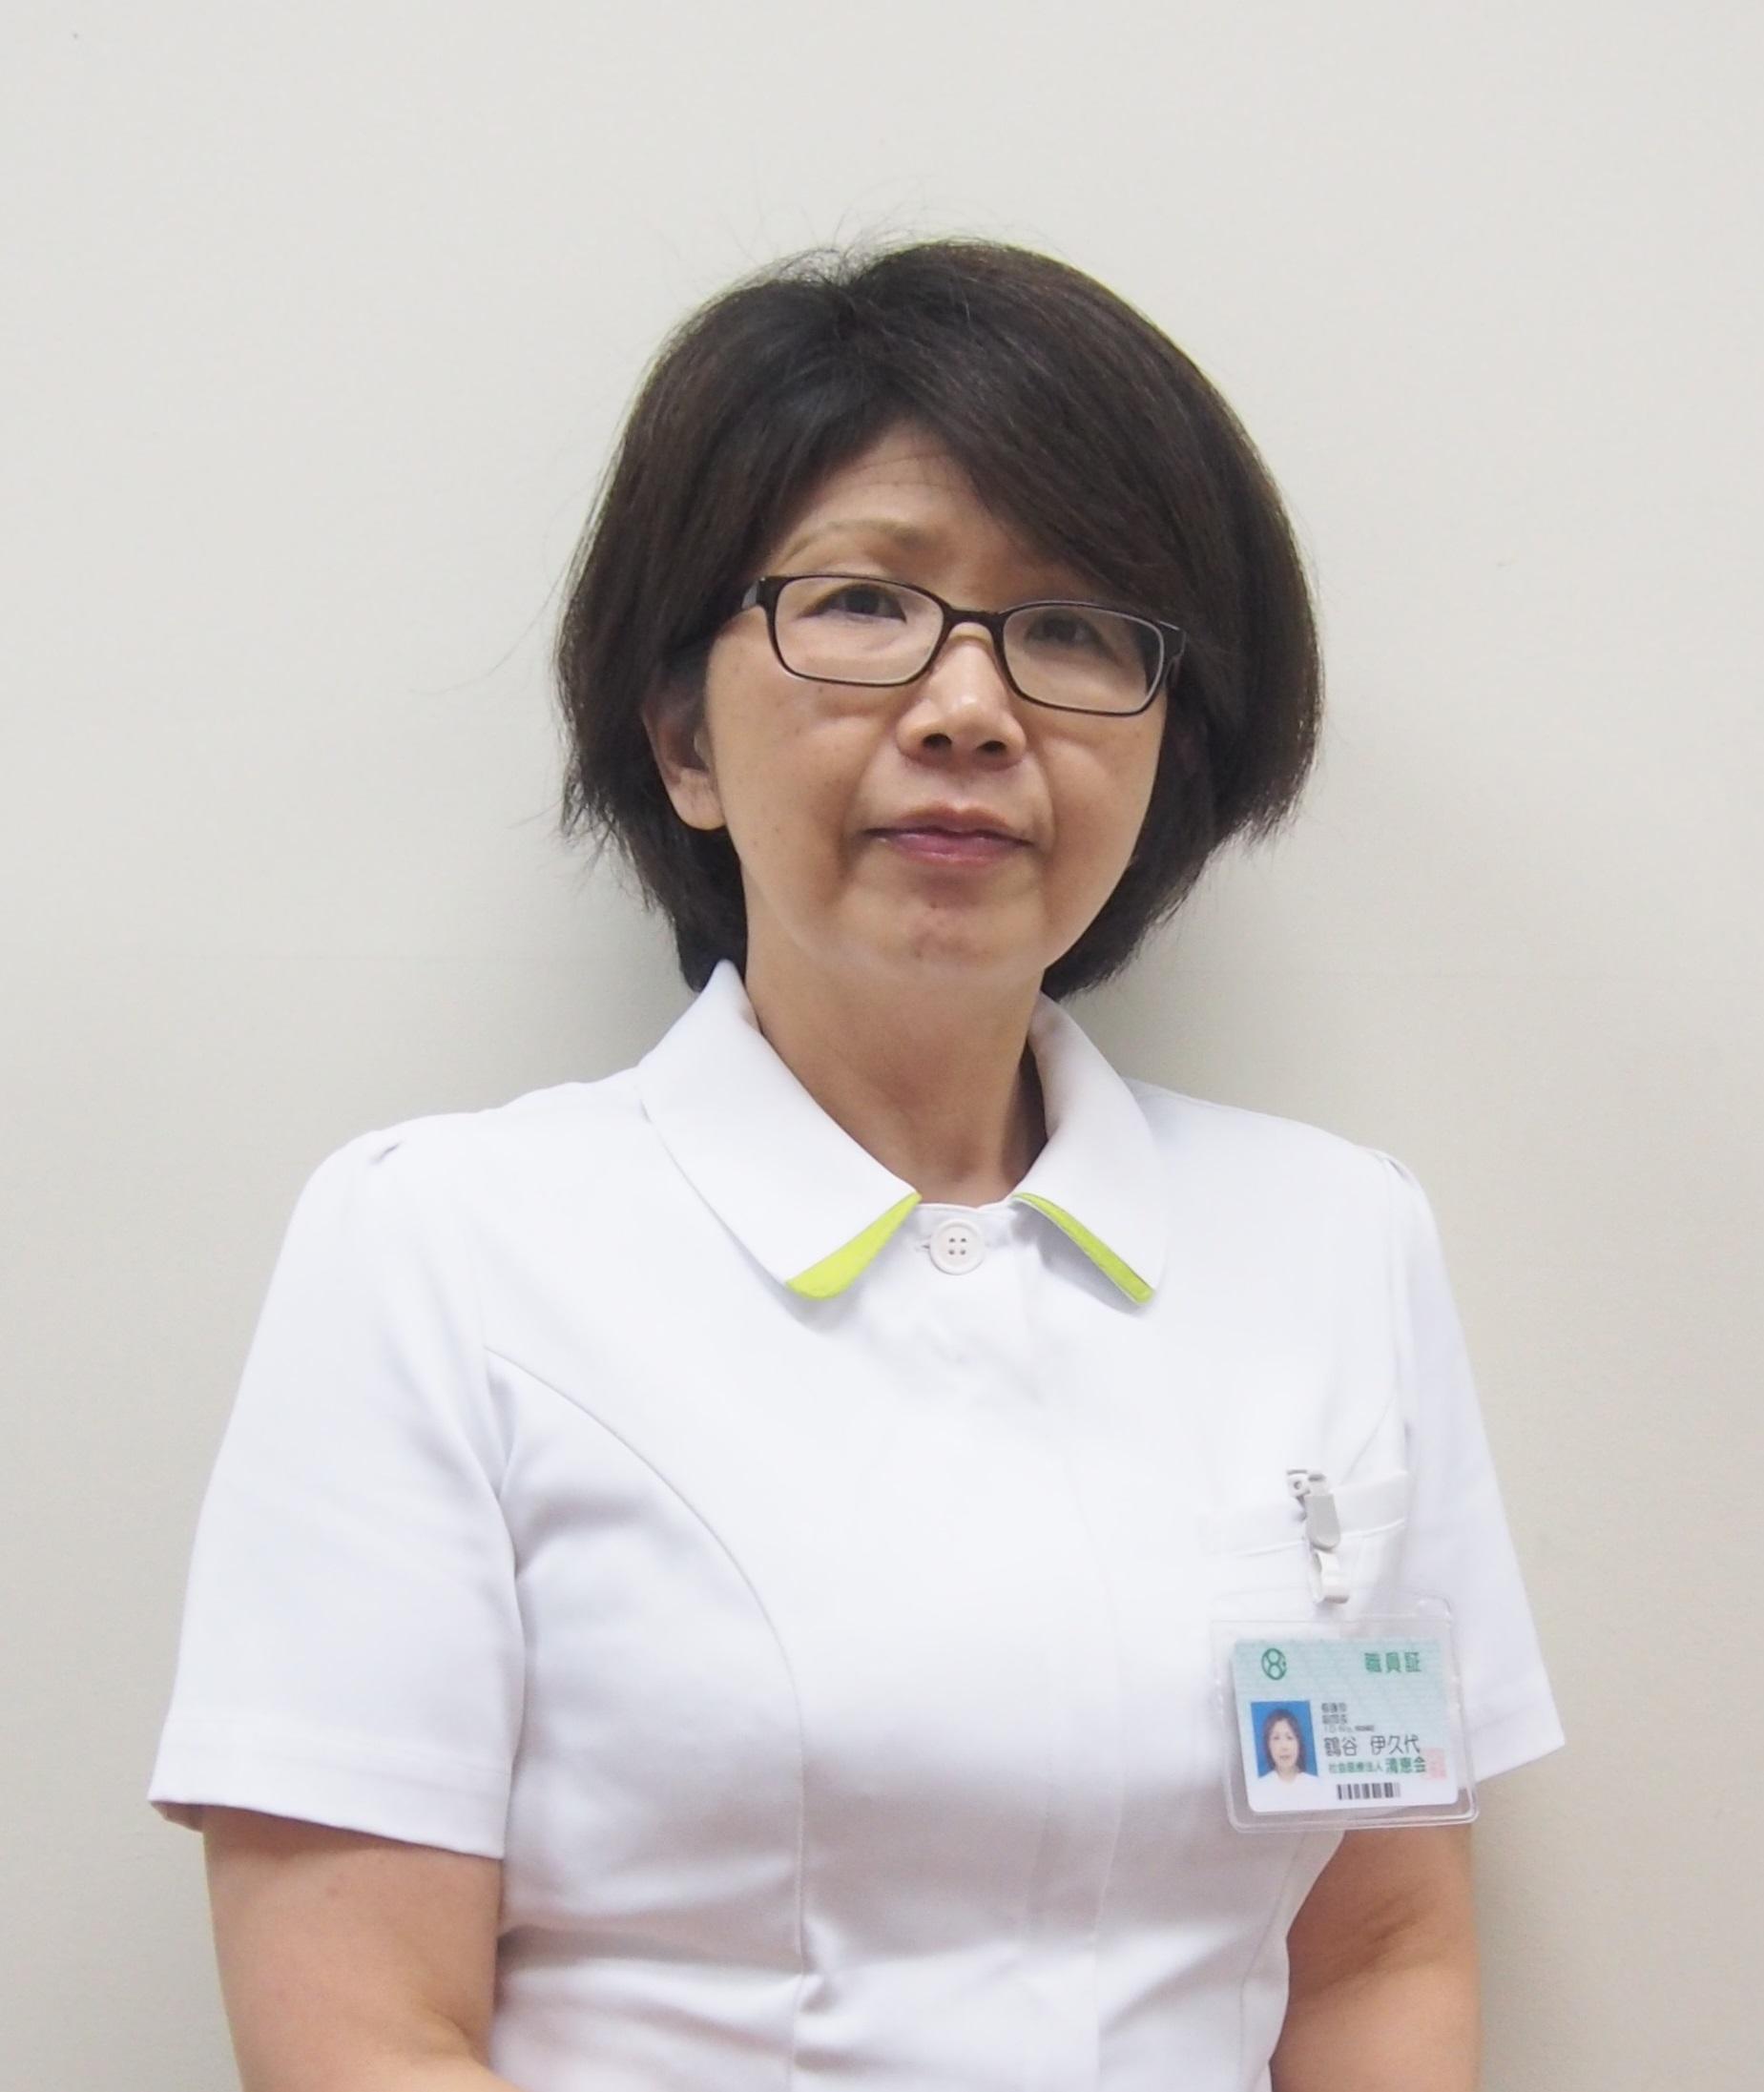 清恵会病院 看護部長 鶴谷 伊久代